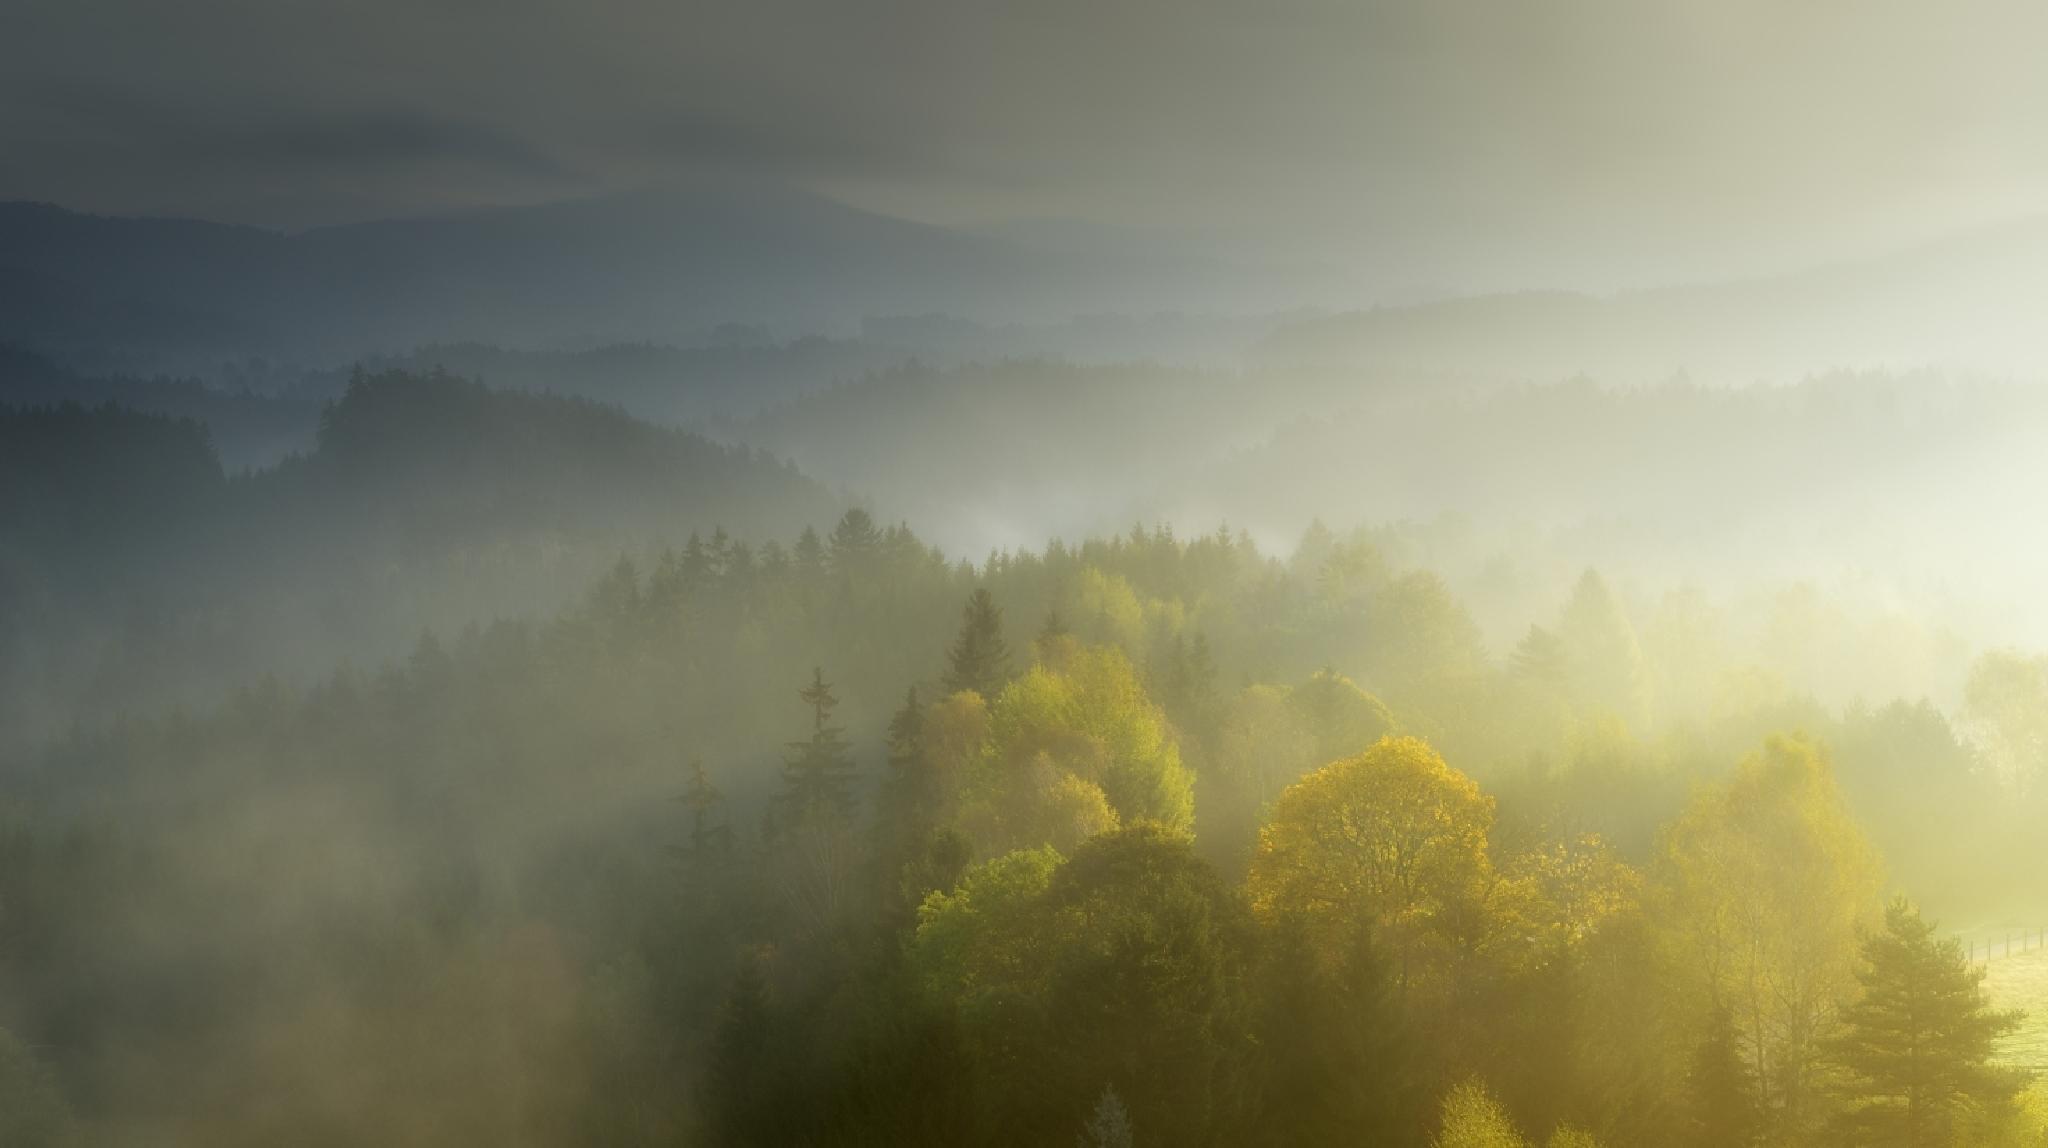 CZECH SWITZERLAND - Daybreak by Tomáš Moravec